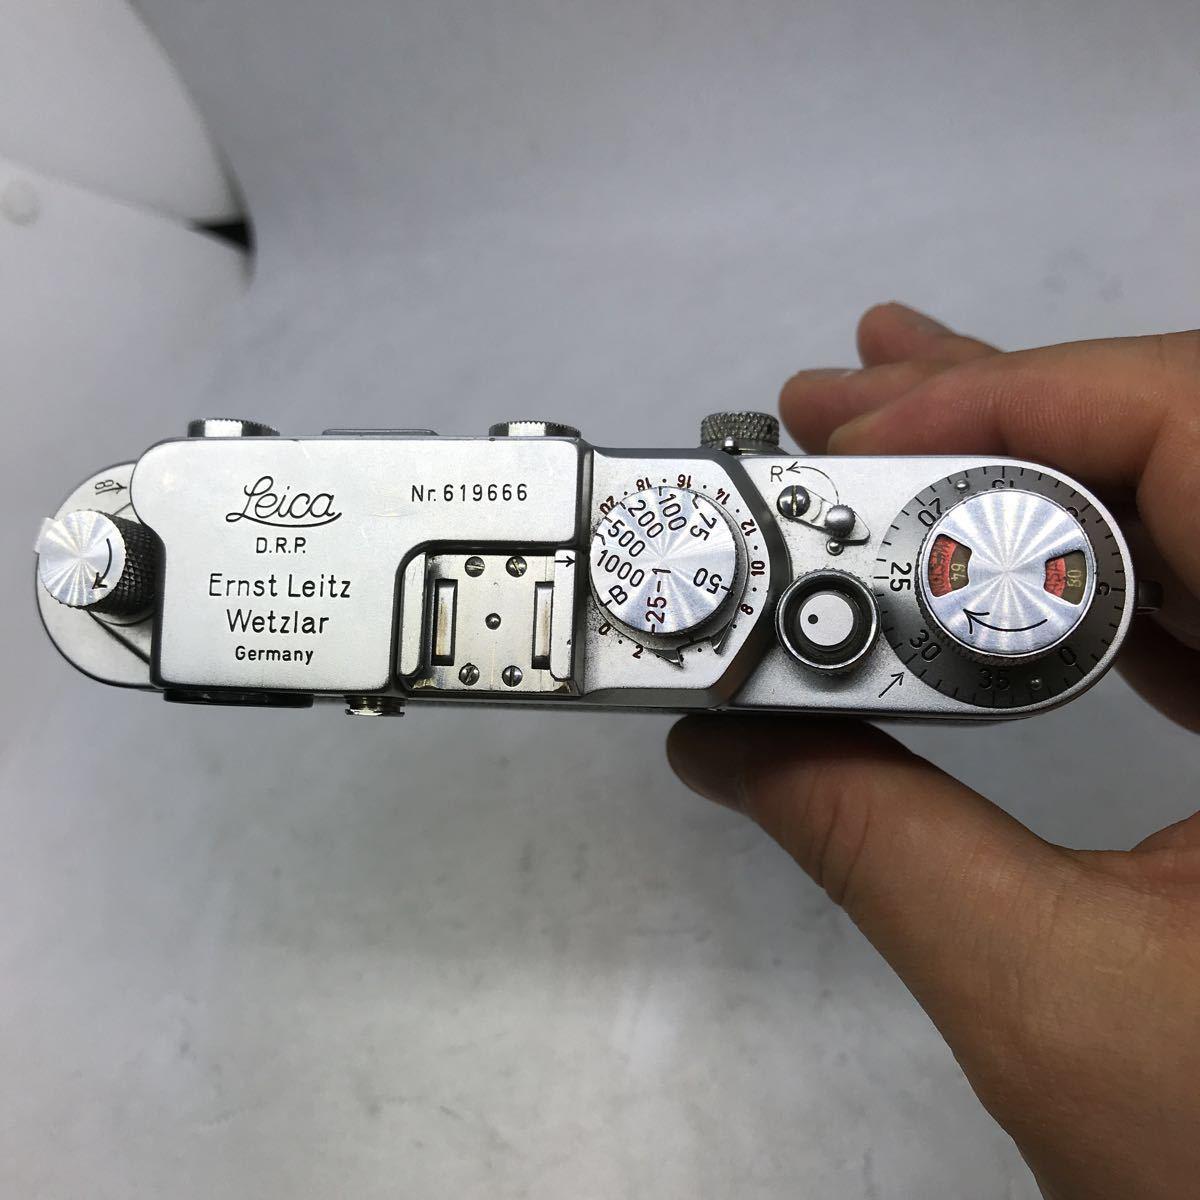 美品 Leica III b, III c, III f ??? ライカ ボディ D.R.P. Ernst Leitz Wetzlar レンジファインダー _画像6